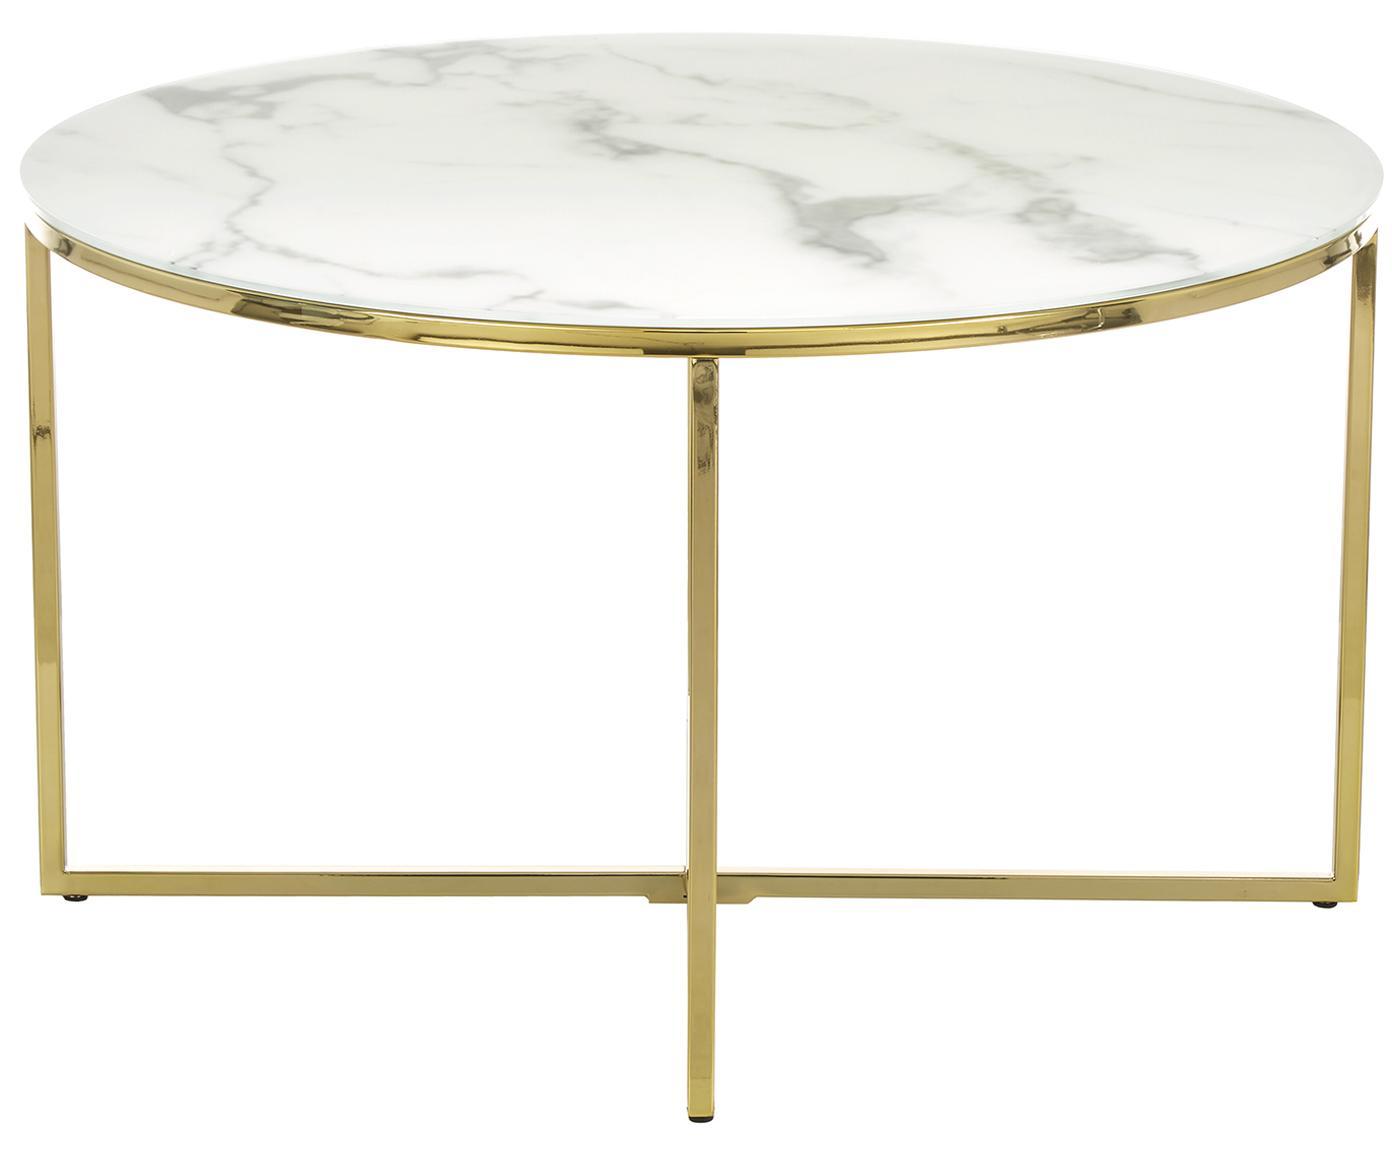 Stolik kawowy ze szklanym blatem Antigua, Blat: szkło, matowy nadruk, Blat: biały marmurowy Stelaż: mosiądz, Ø 80 x W 45 cm